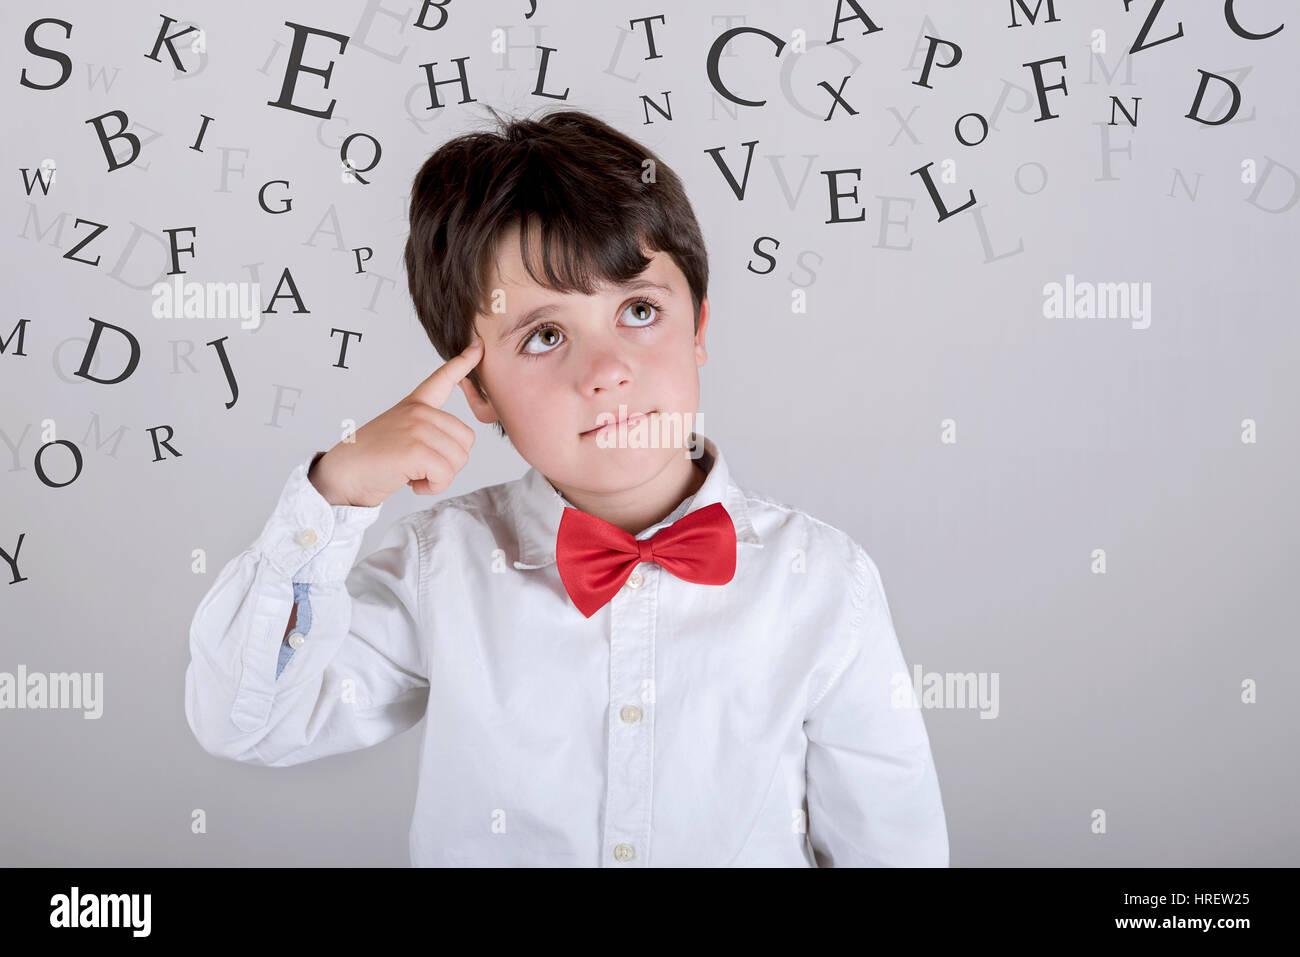 L'alphabet. Composite image boy Photo Stock